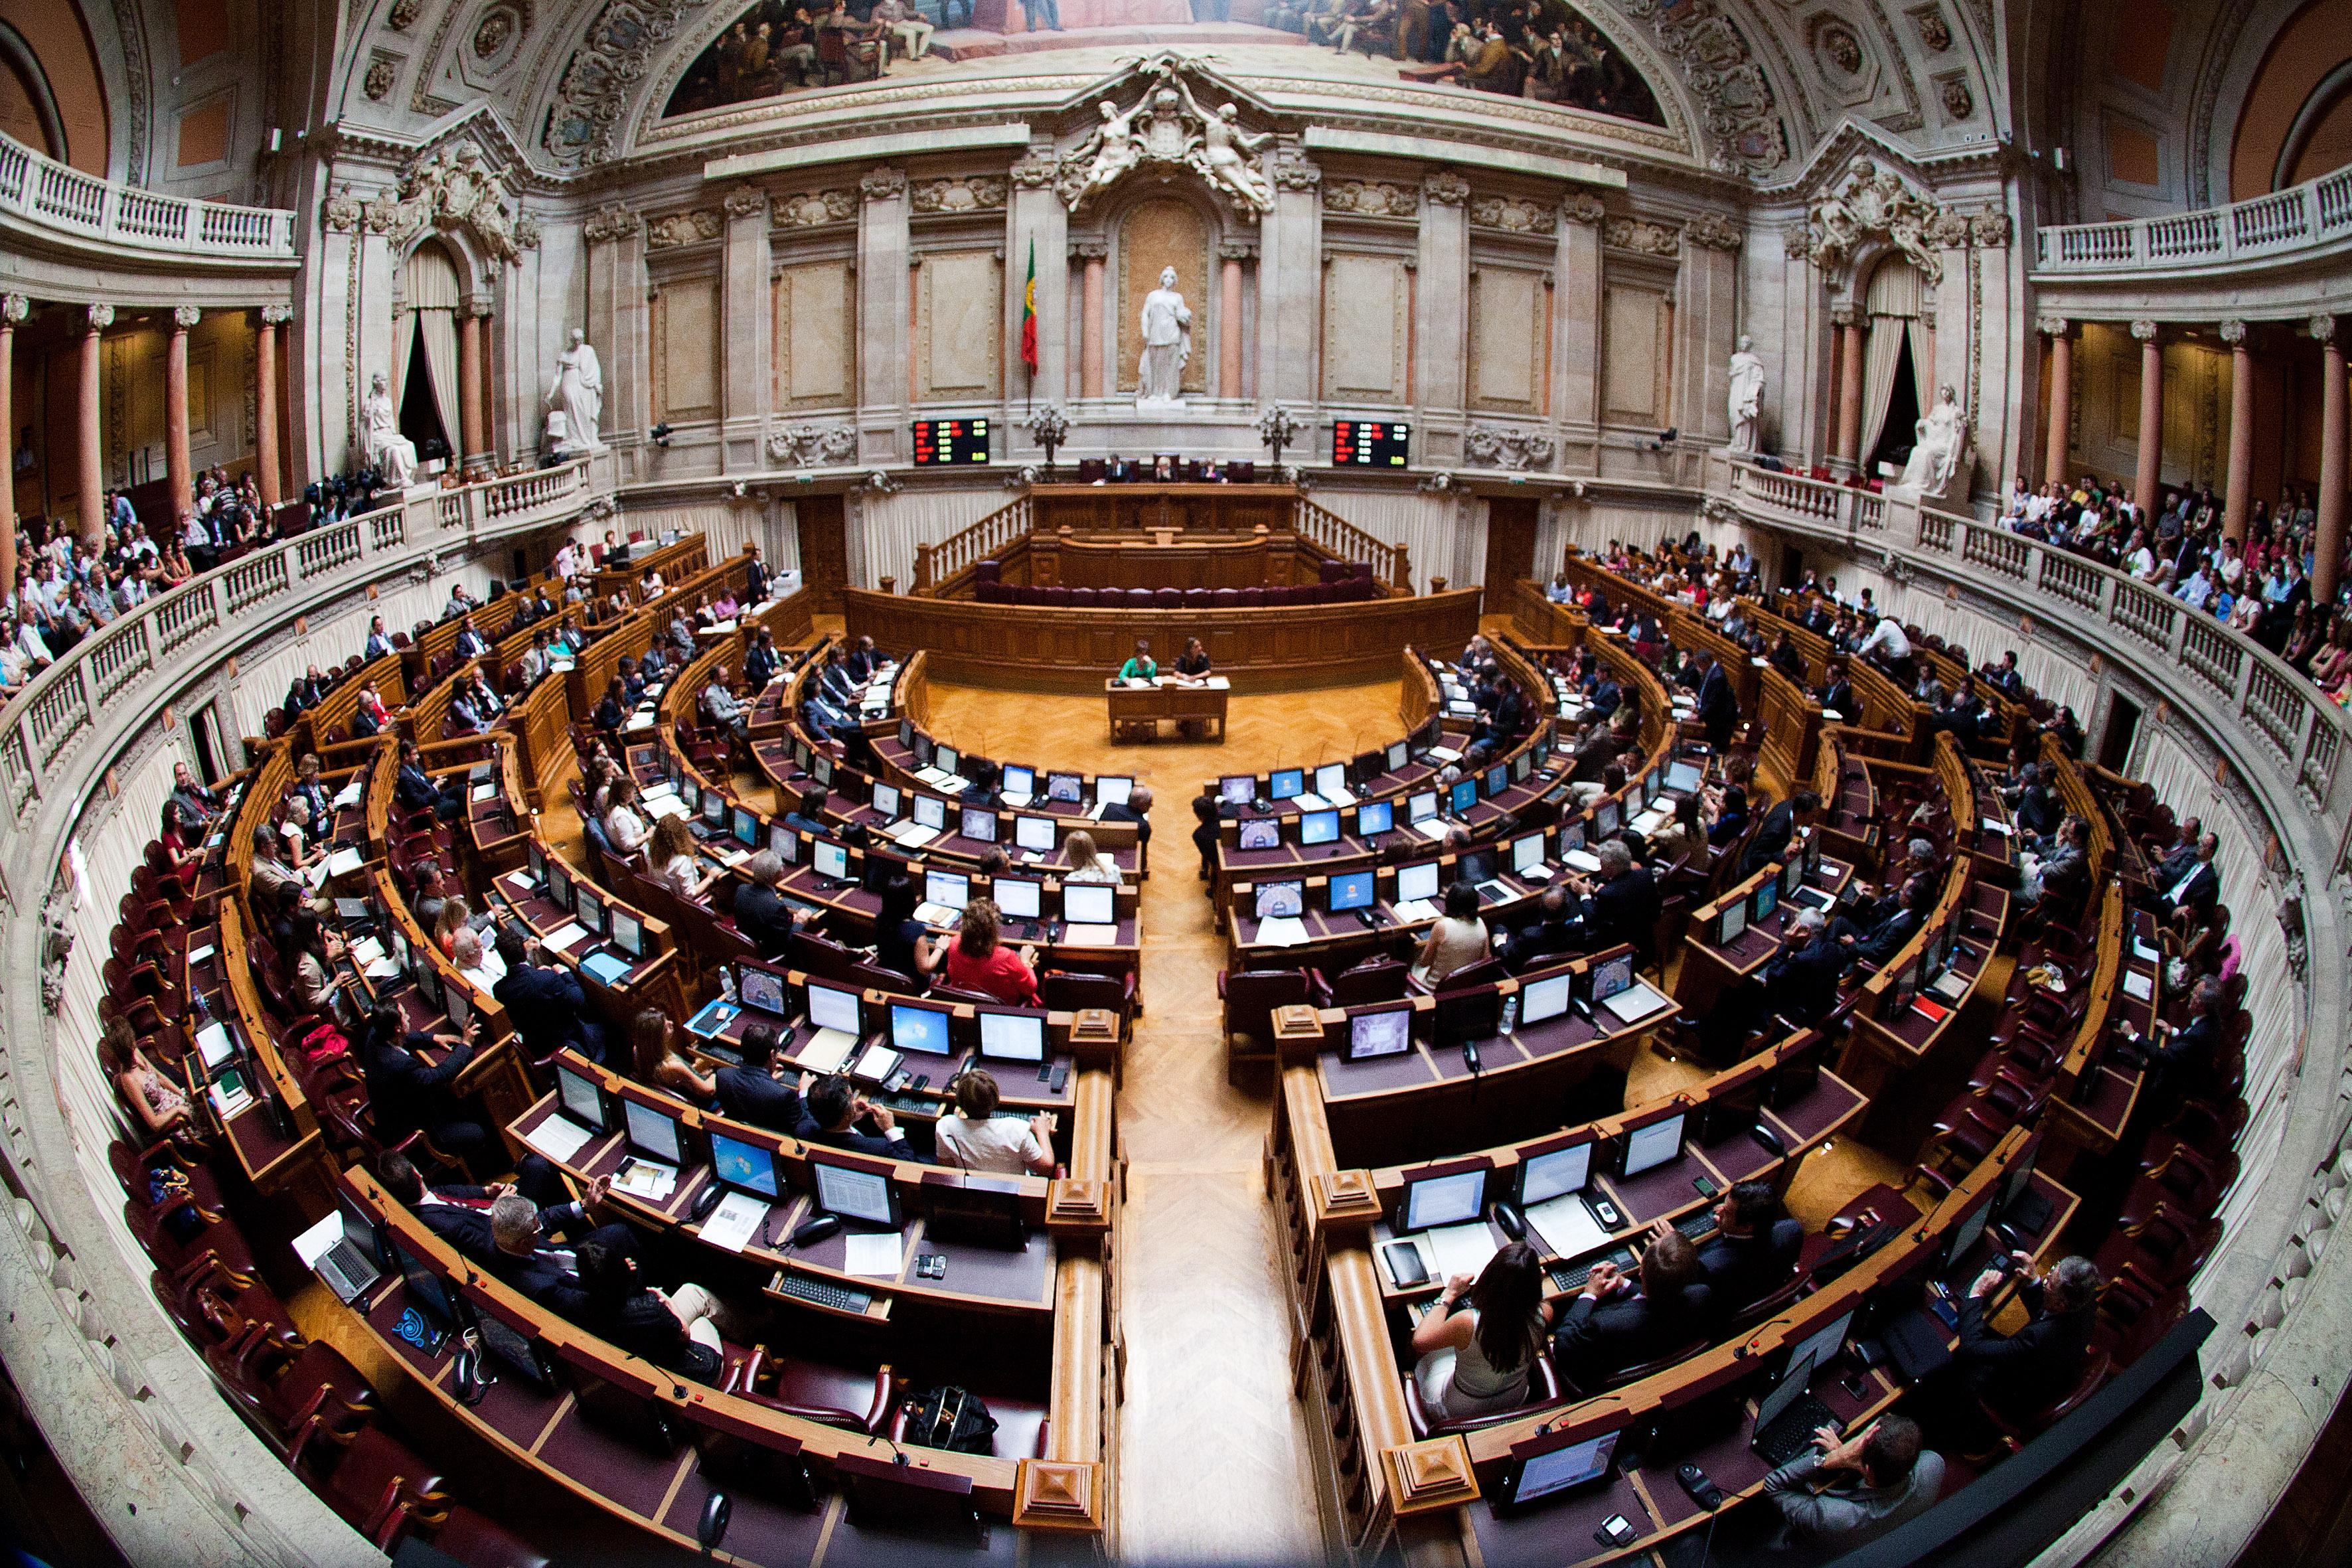 Subvenções: 330 políticos com reformas douradas